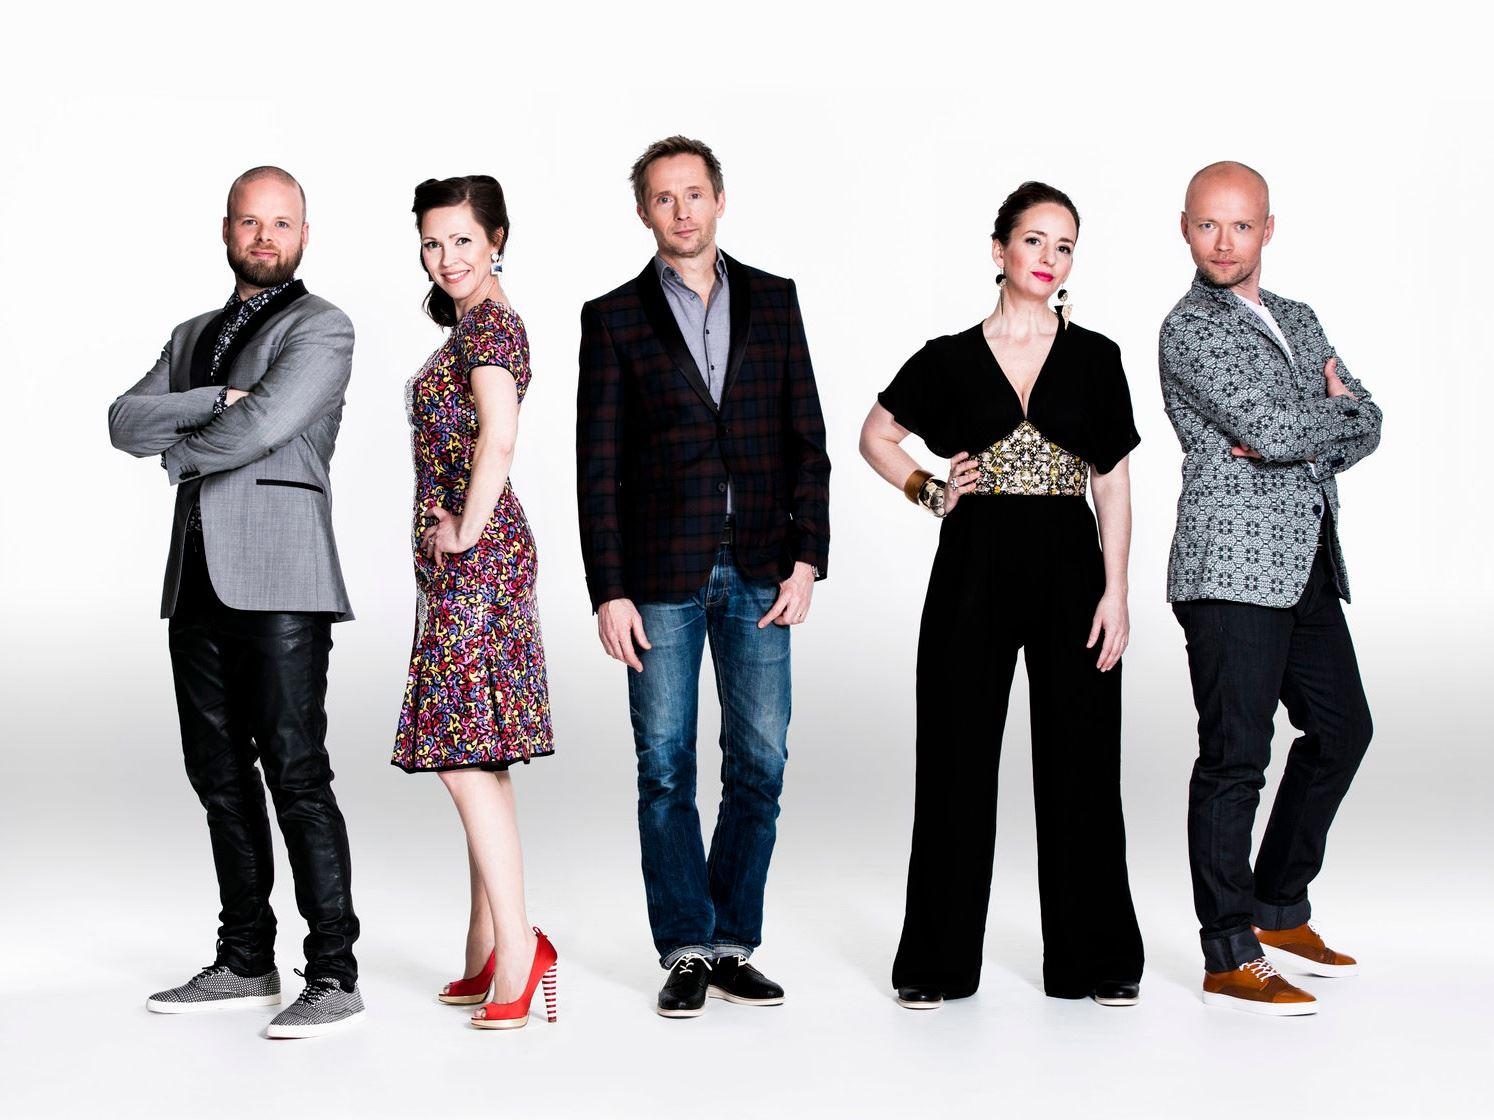 Musik: The real group - julkonsert